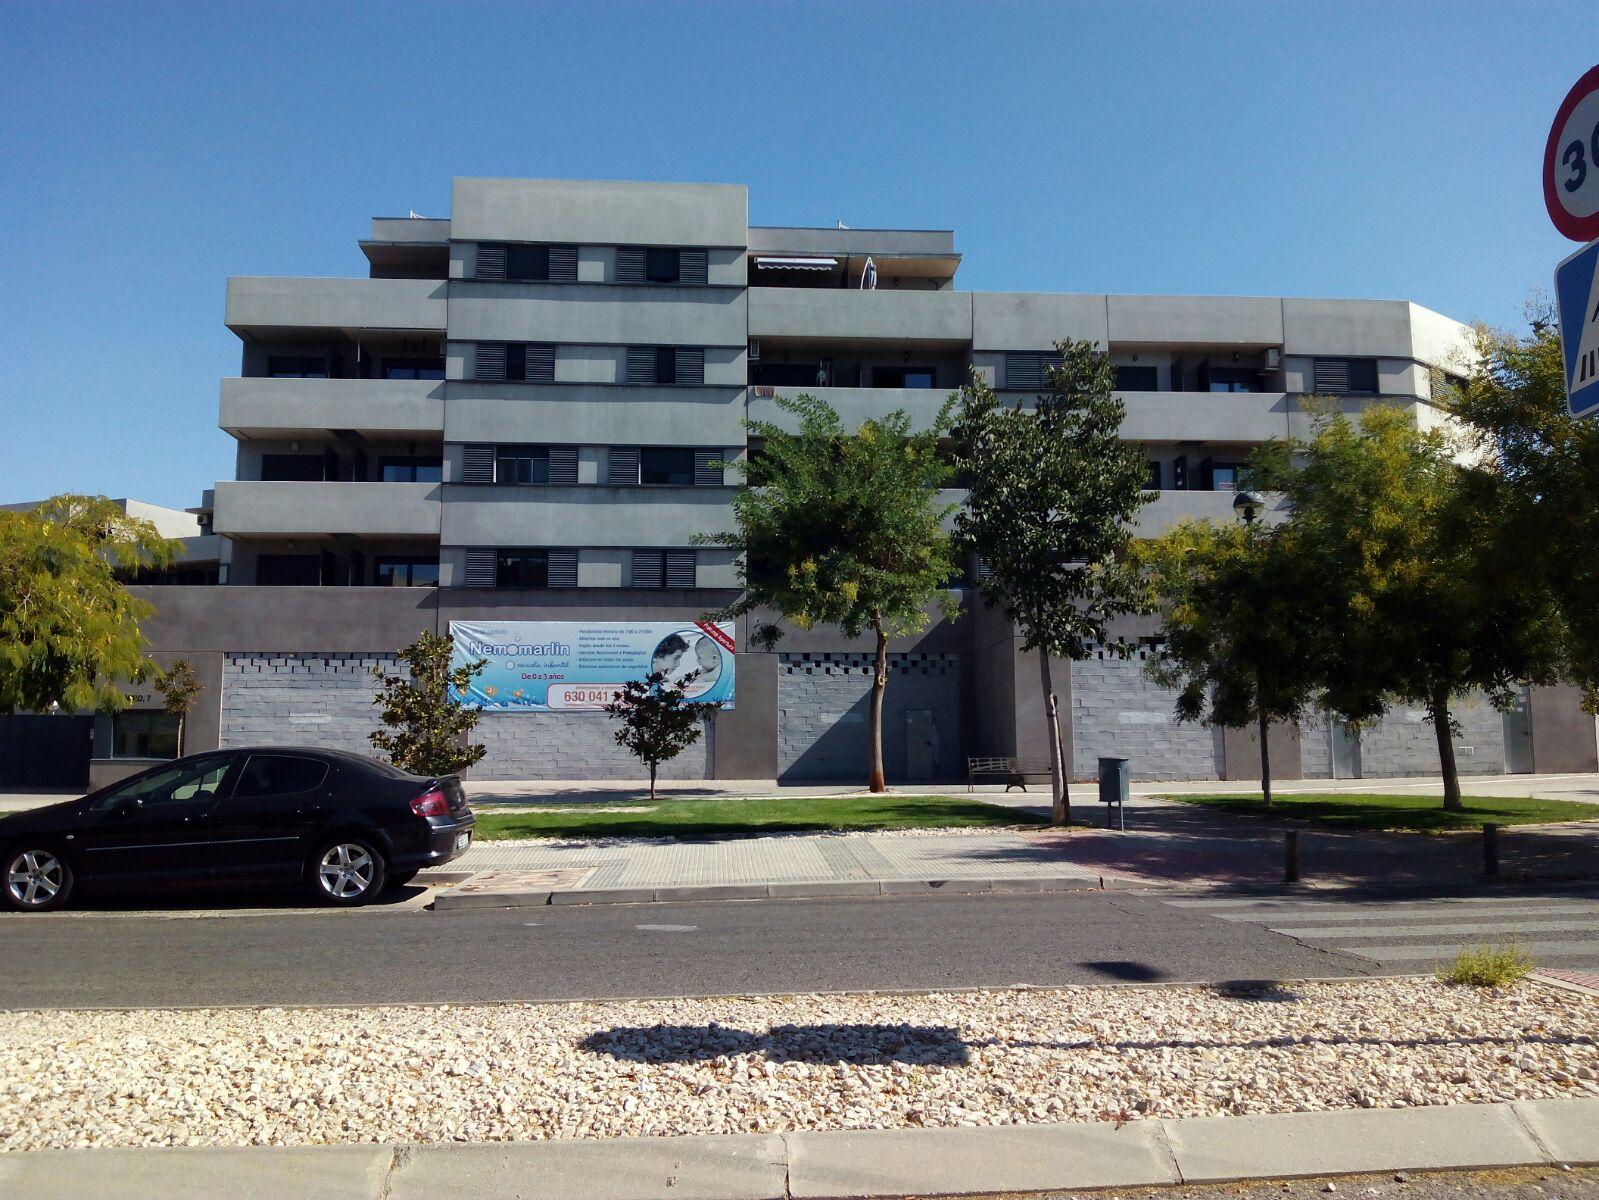 Foto fachada nueva escuela Nemomarlin Torrejón de Ardoz